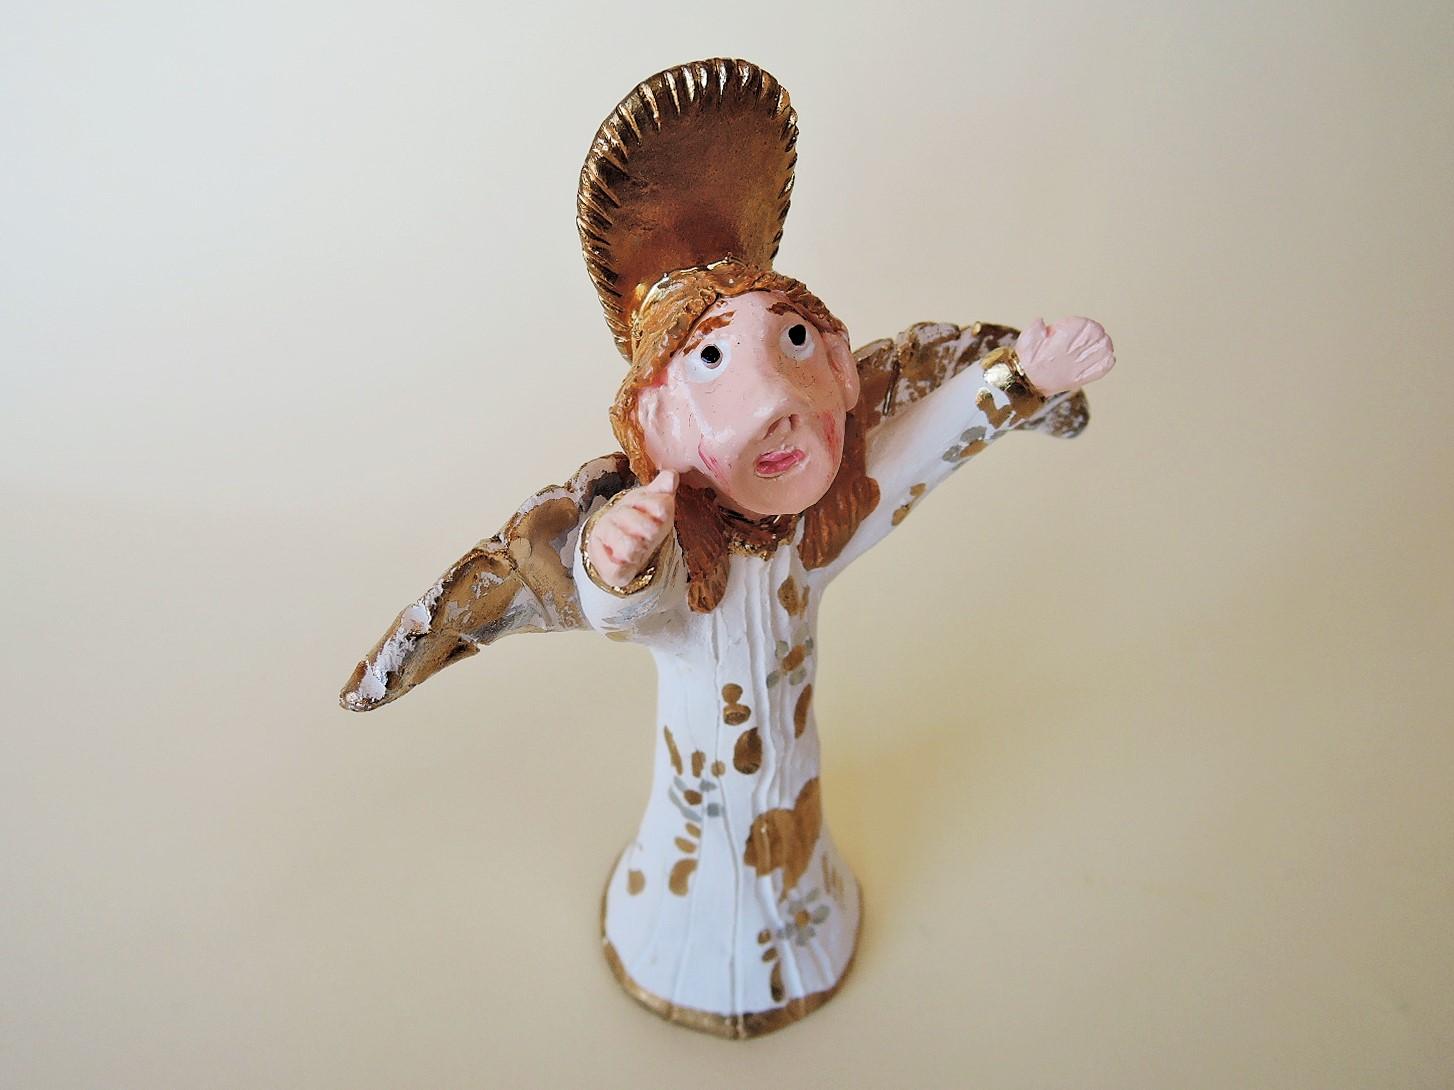 ポルトガル陶人形 天使像 Luisa Melo作品